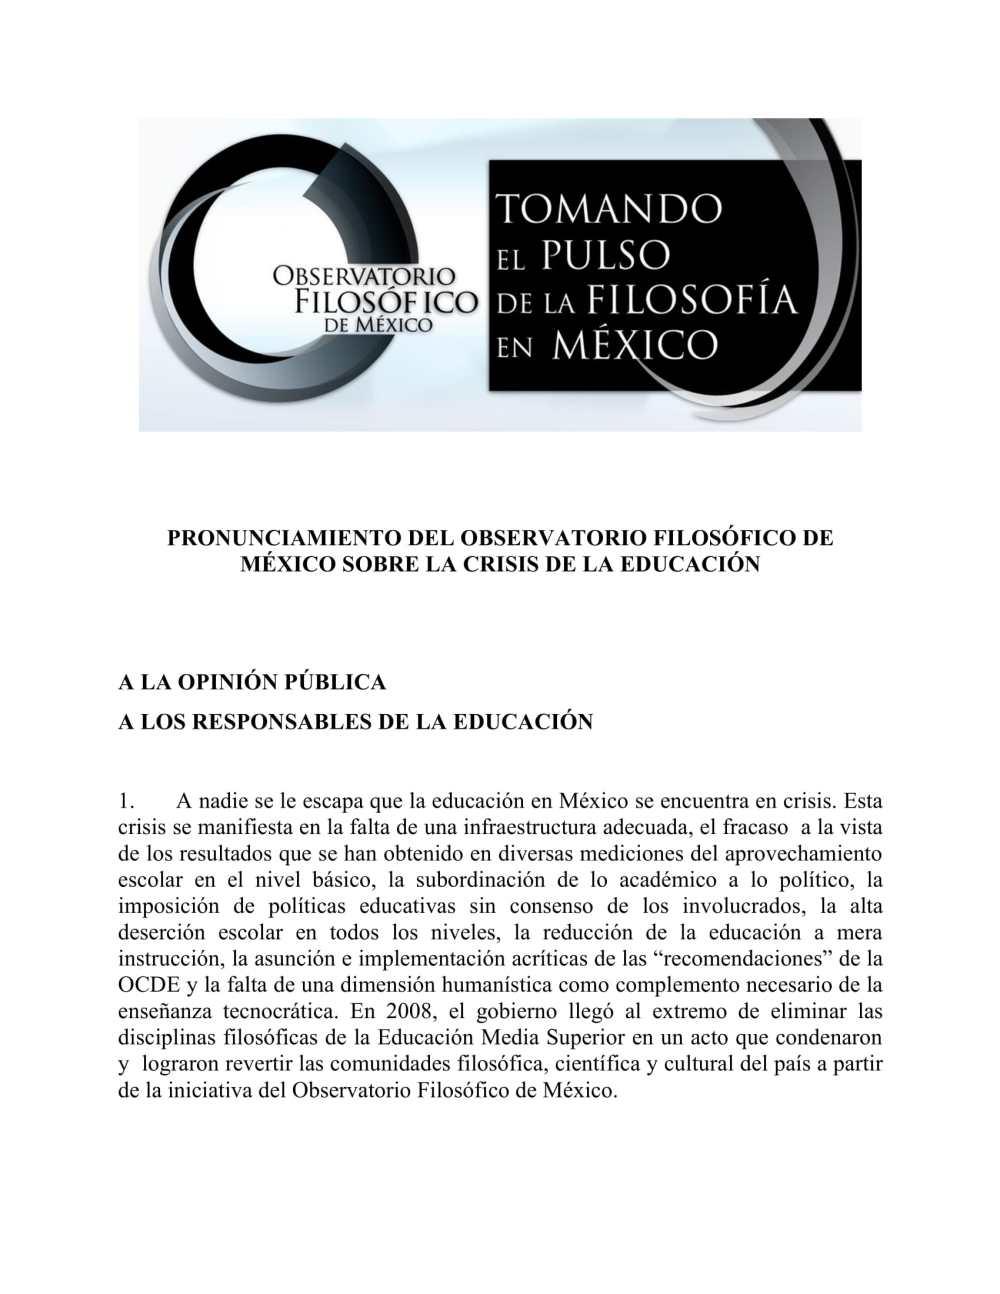 Pronunciamiento_OFM-1